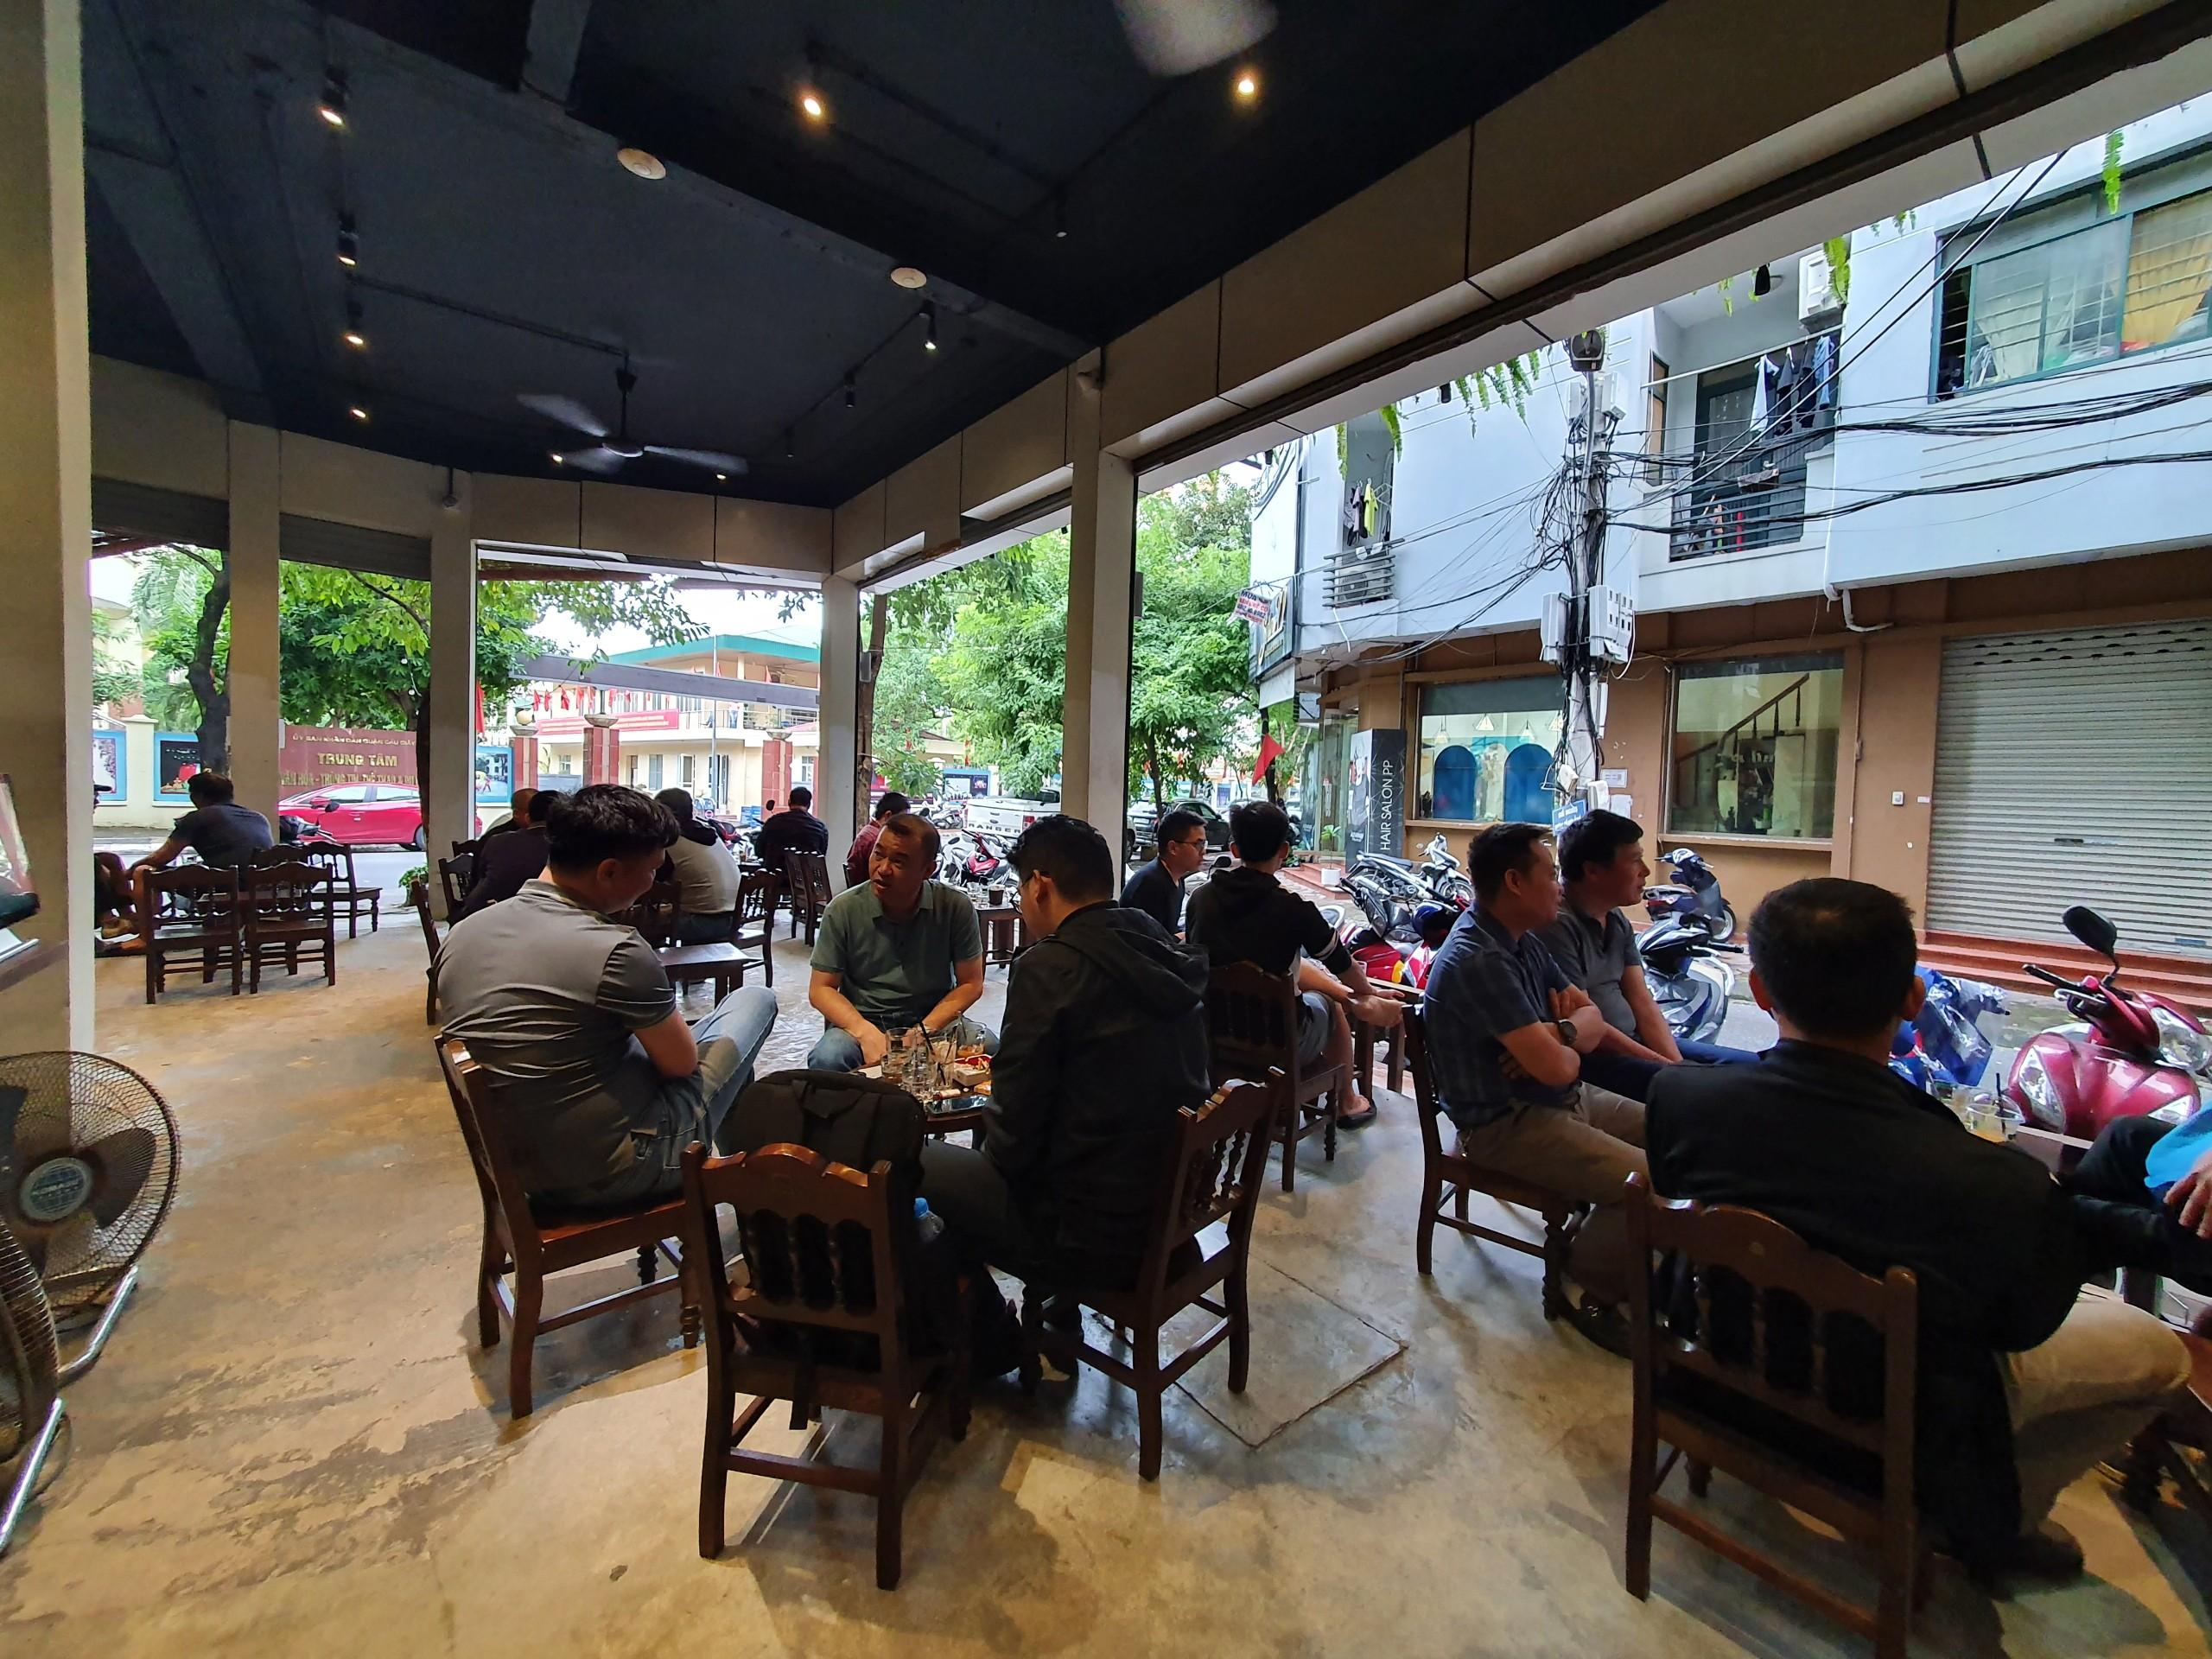 """Quản lý tại một cửa hàng cà phê trên đường Trần Quý Kiên cho biết, lượng khách đến với quán đông hơn rất nhiều so với tưởng tượng của anh. """"Từ sáng chúng tôi đã phải """"đuổi khéo"""" rất nhiều khách hàng vì không được ngồi quá 50% chỗ ngồi theo quy định""""."""